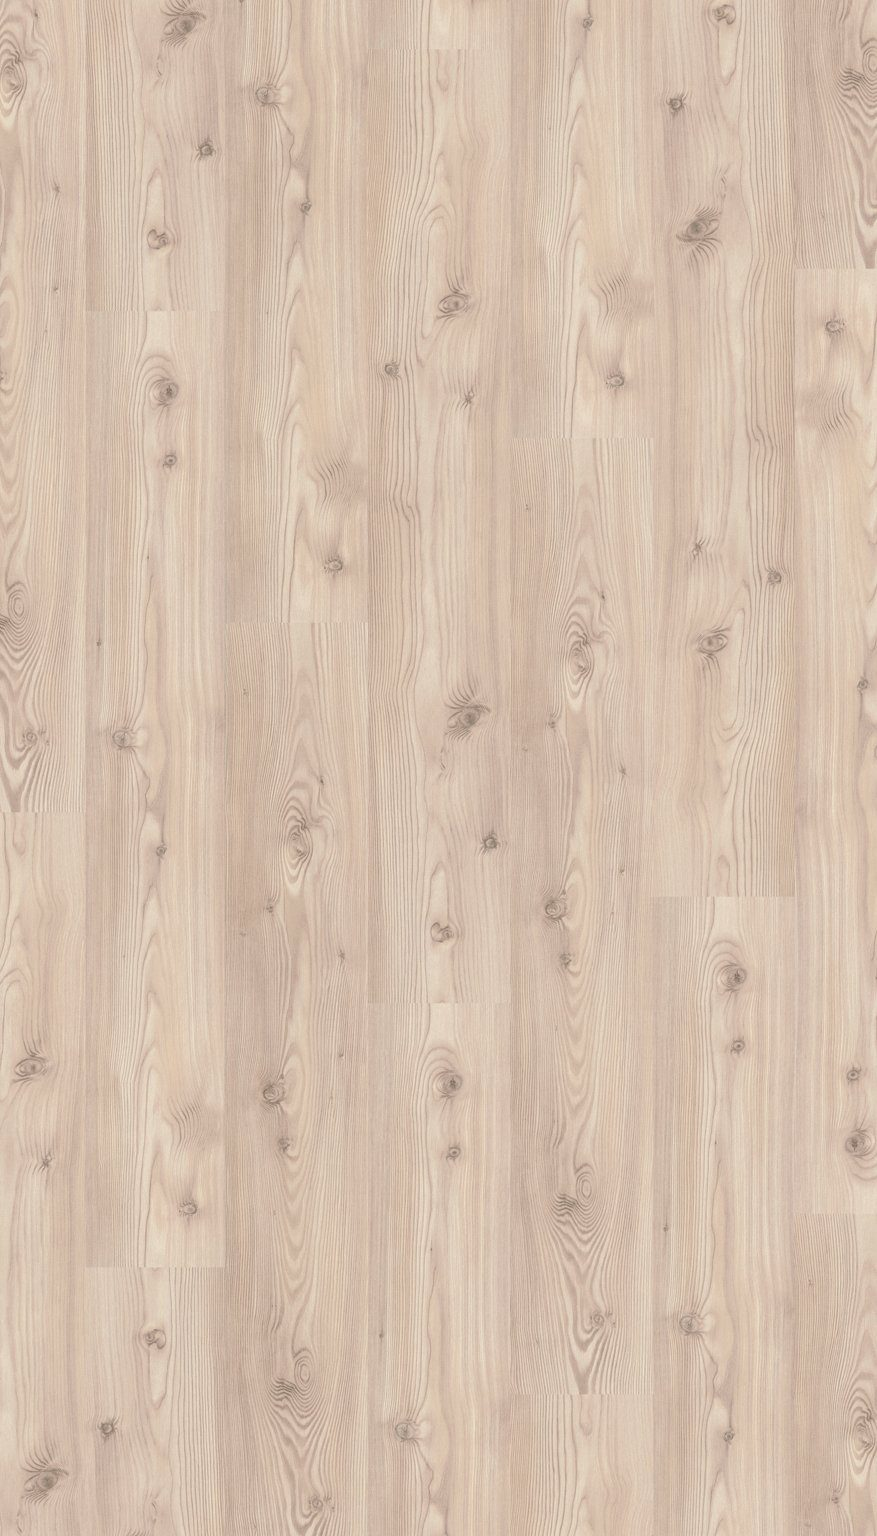 PARADOR Laminat »Basic 400 - Baltic Pinie Holzstruktur«, 1285 x 194 mm, Stärke: 8 mm